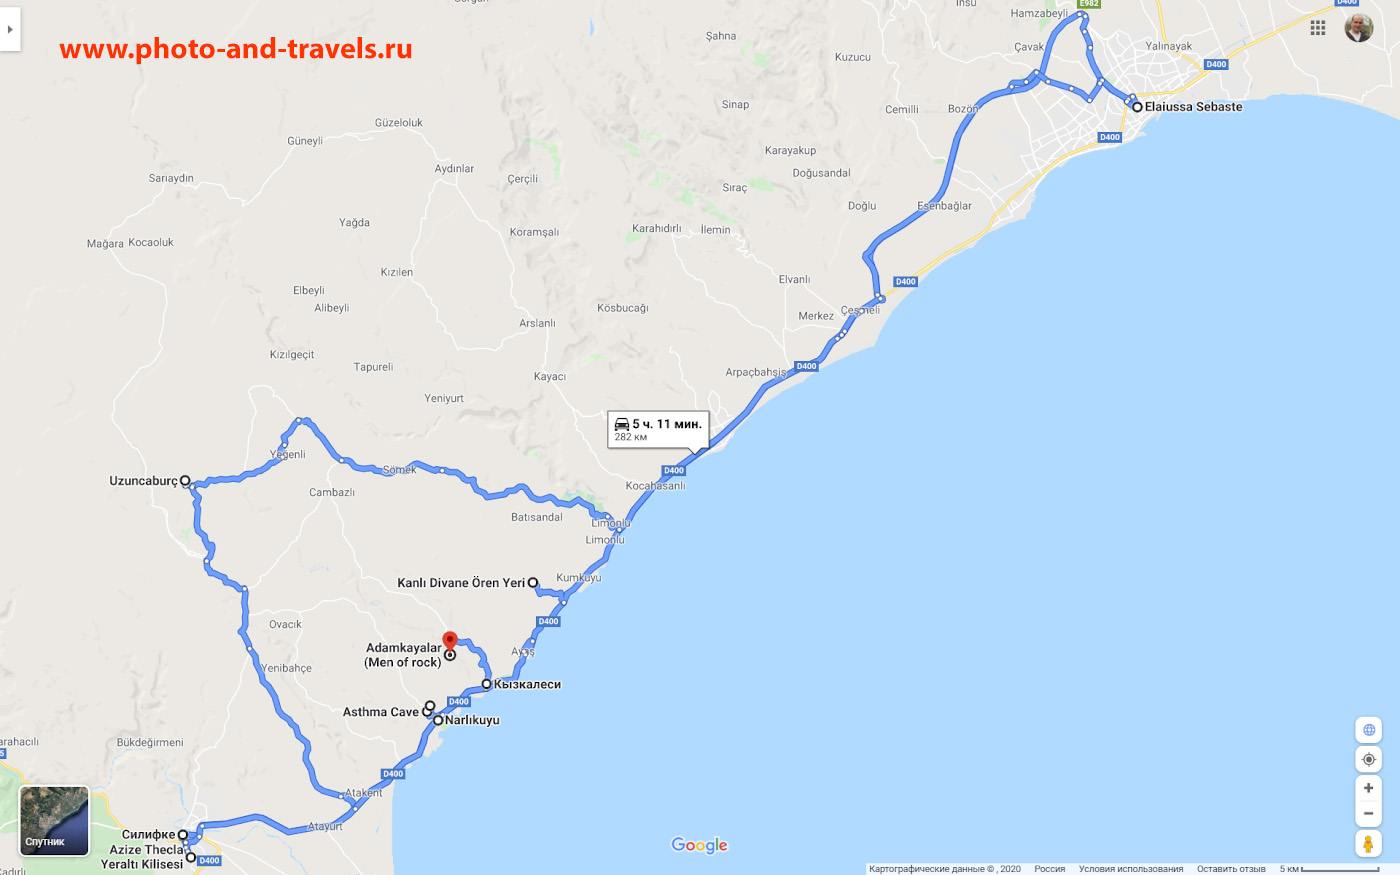 25. Карта интересных мест, расположенных рядом с Кызкалеси. Их можно посетить по пути из Анталии или Кемера в Каппадокию.